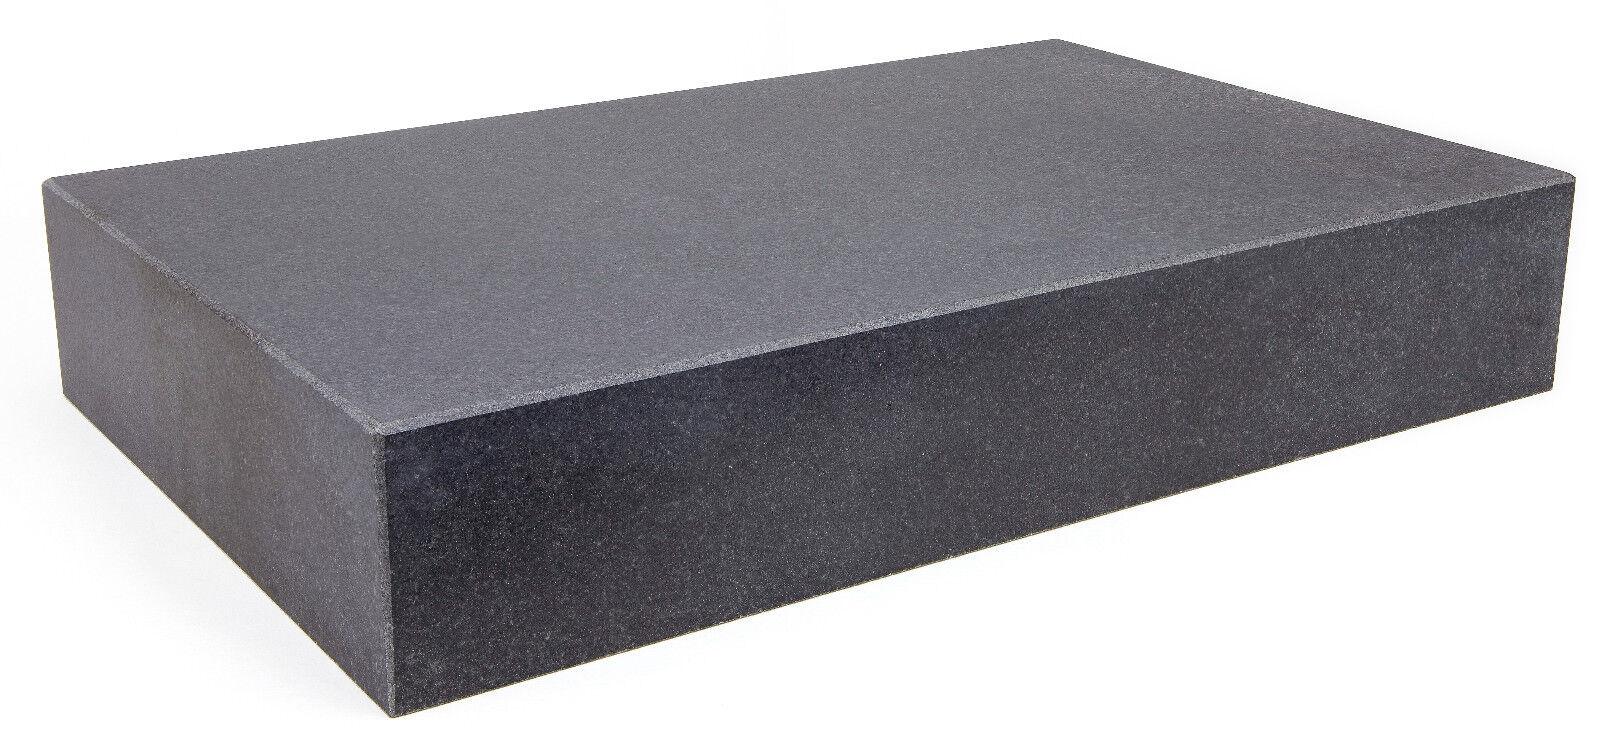 Messplatte Hartgestein Kontrollplatte Granit Platte Tuschierplatte Anreißplatte